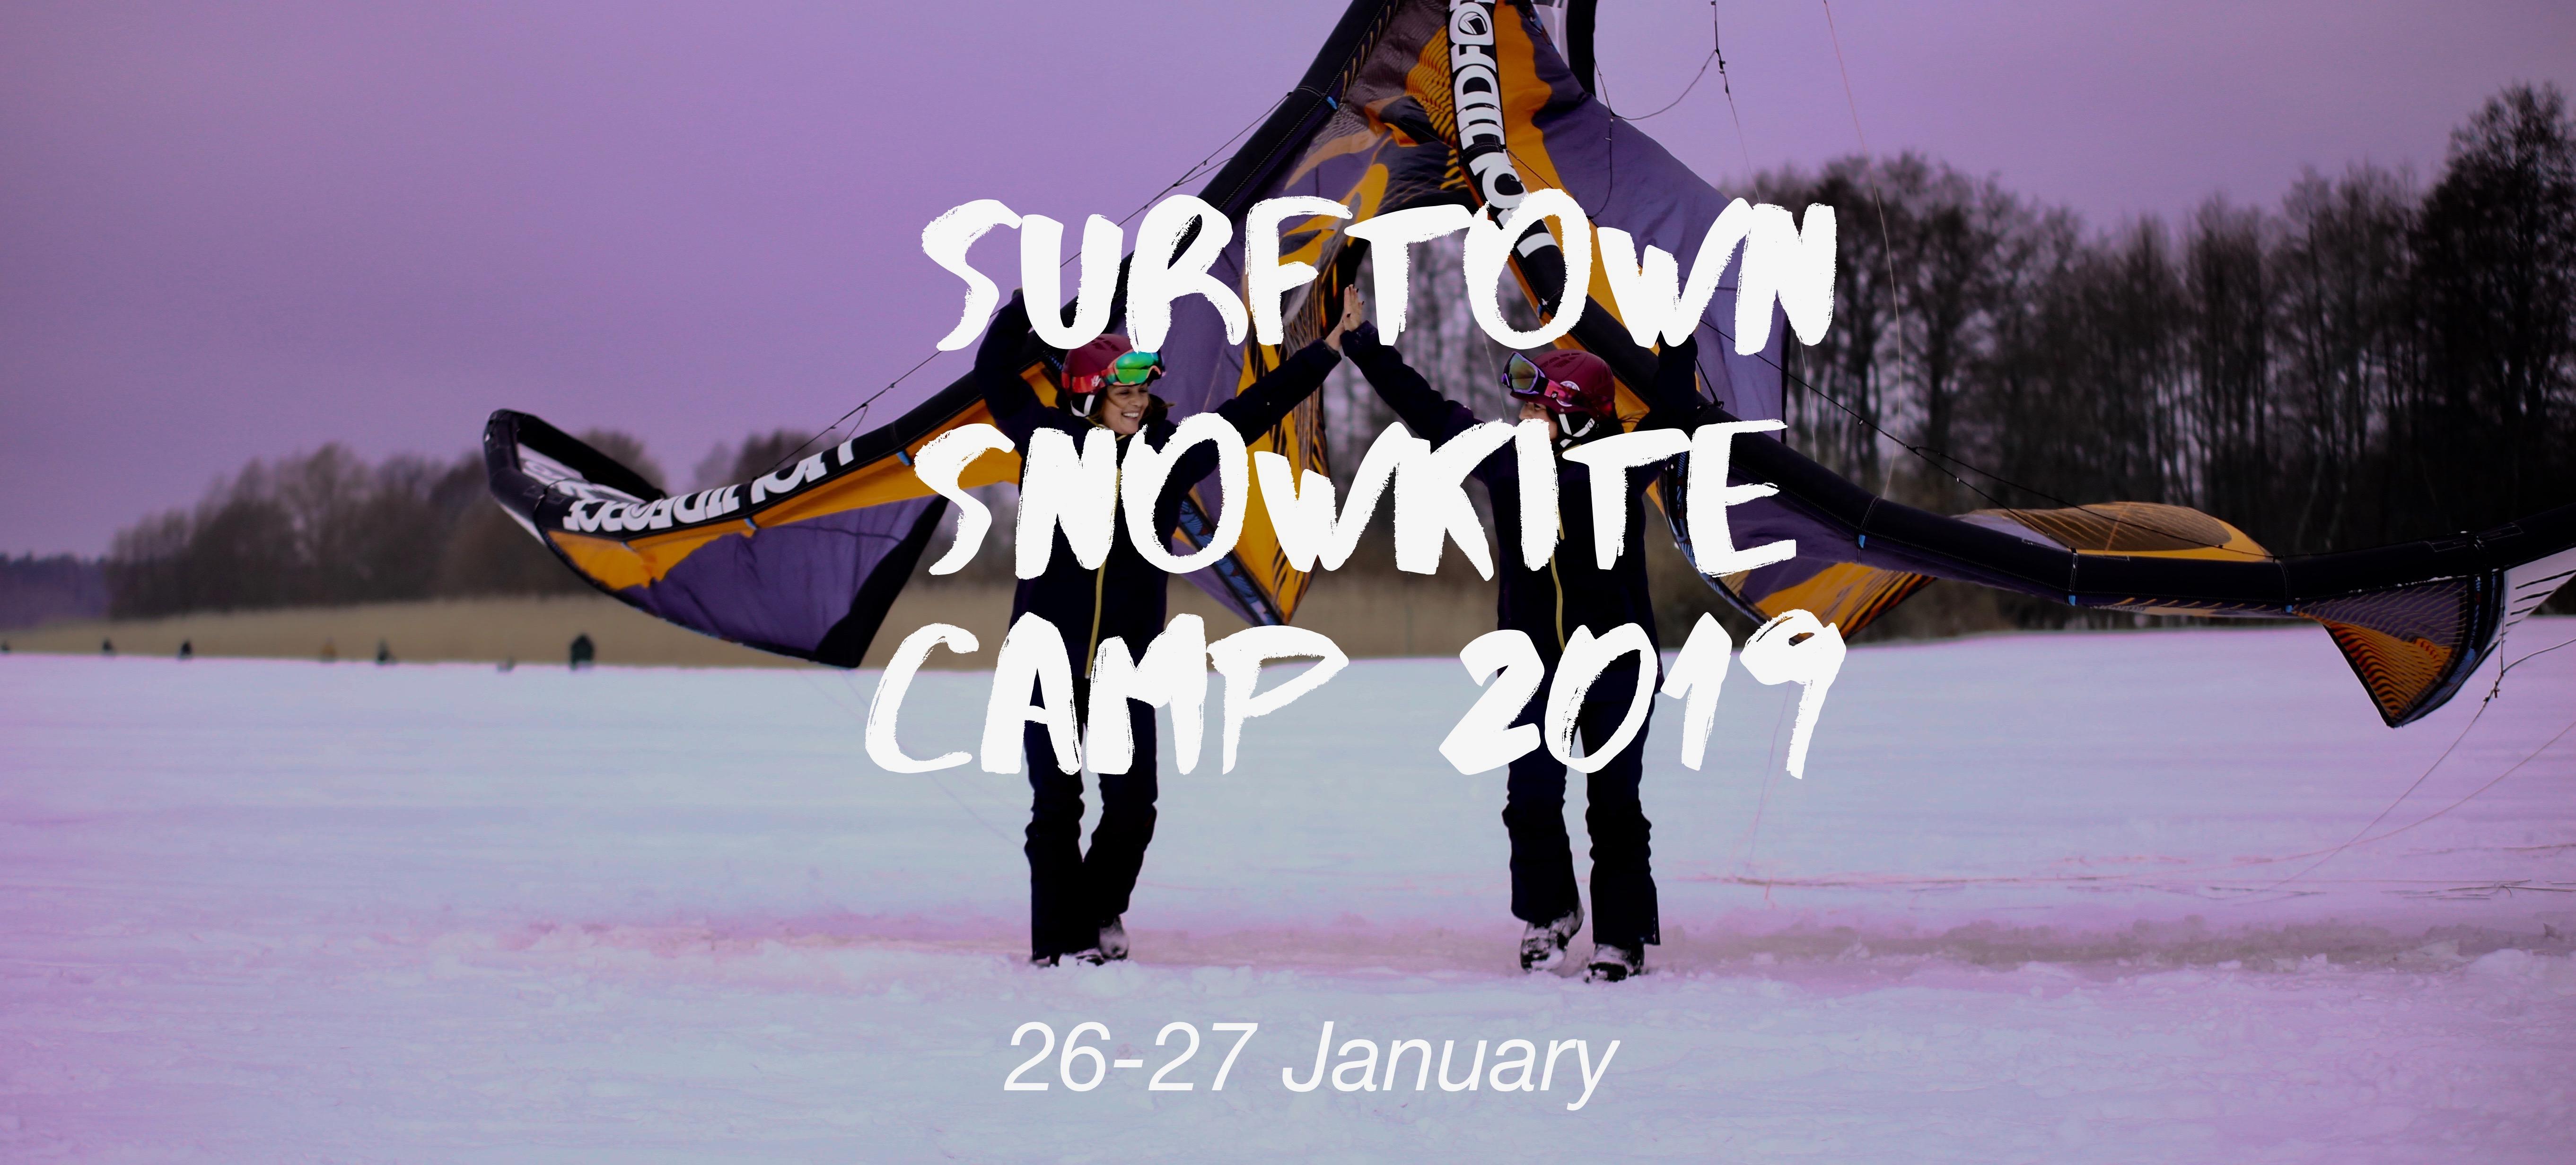 Snowkite Camp 2019 EE